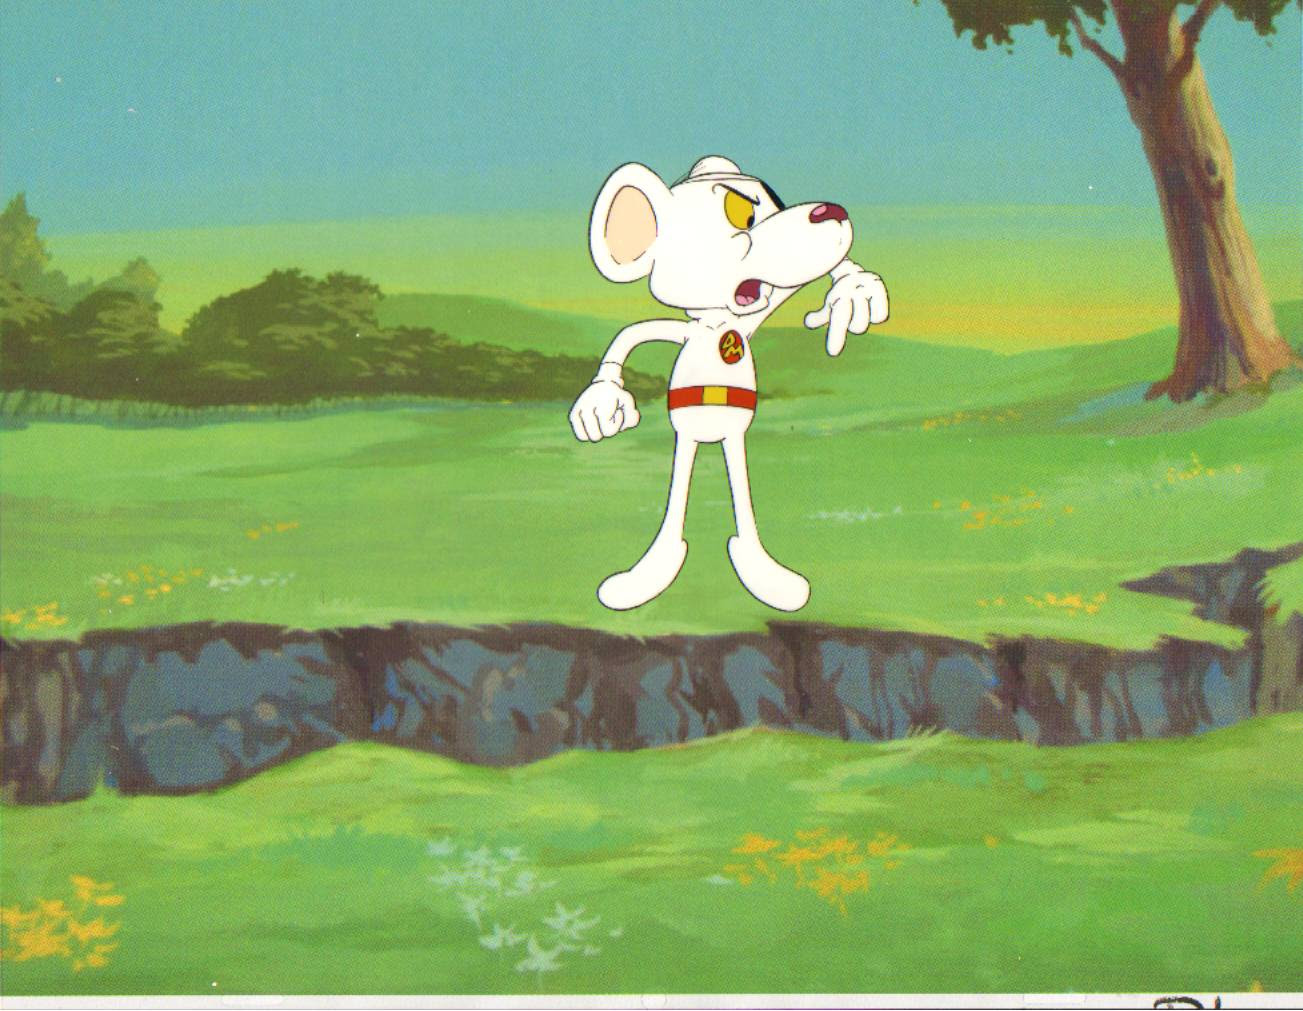 Download 94 Background Animasi Hd Terbaik